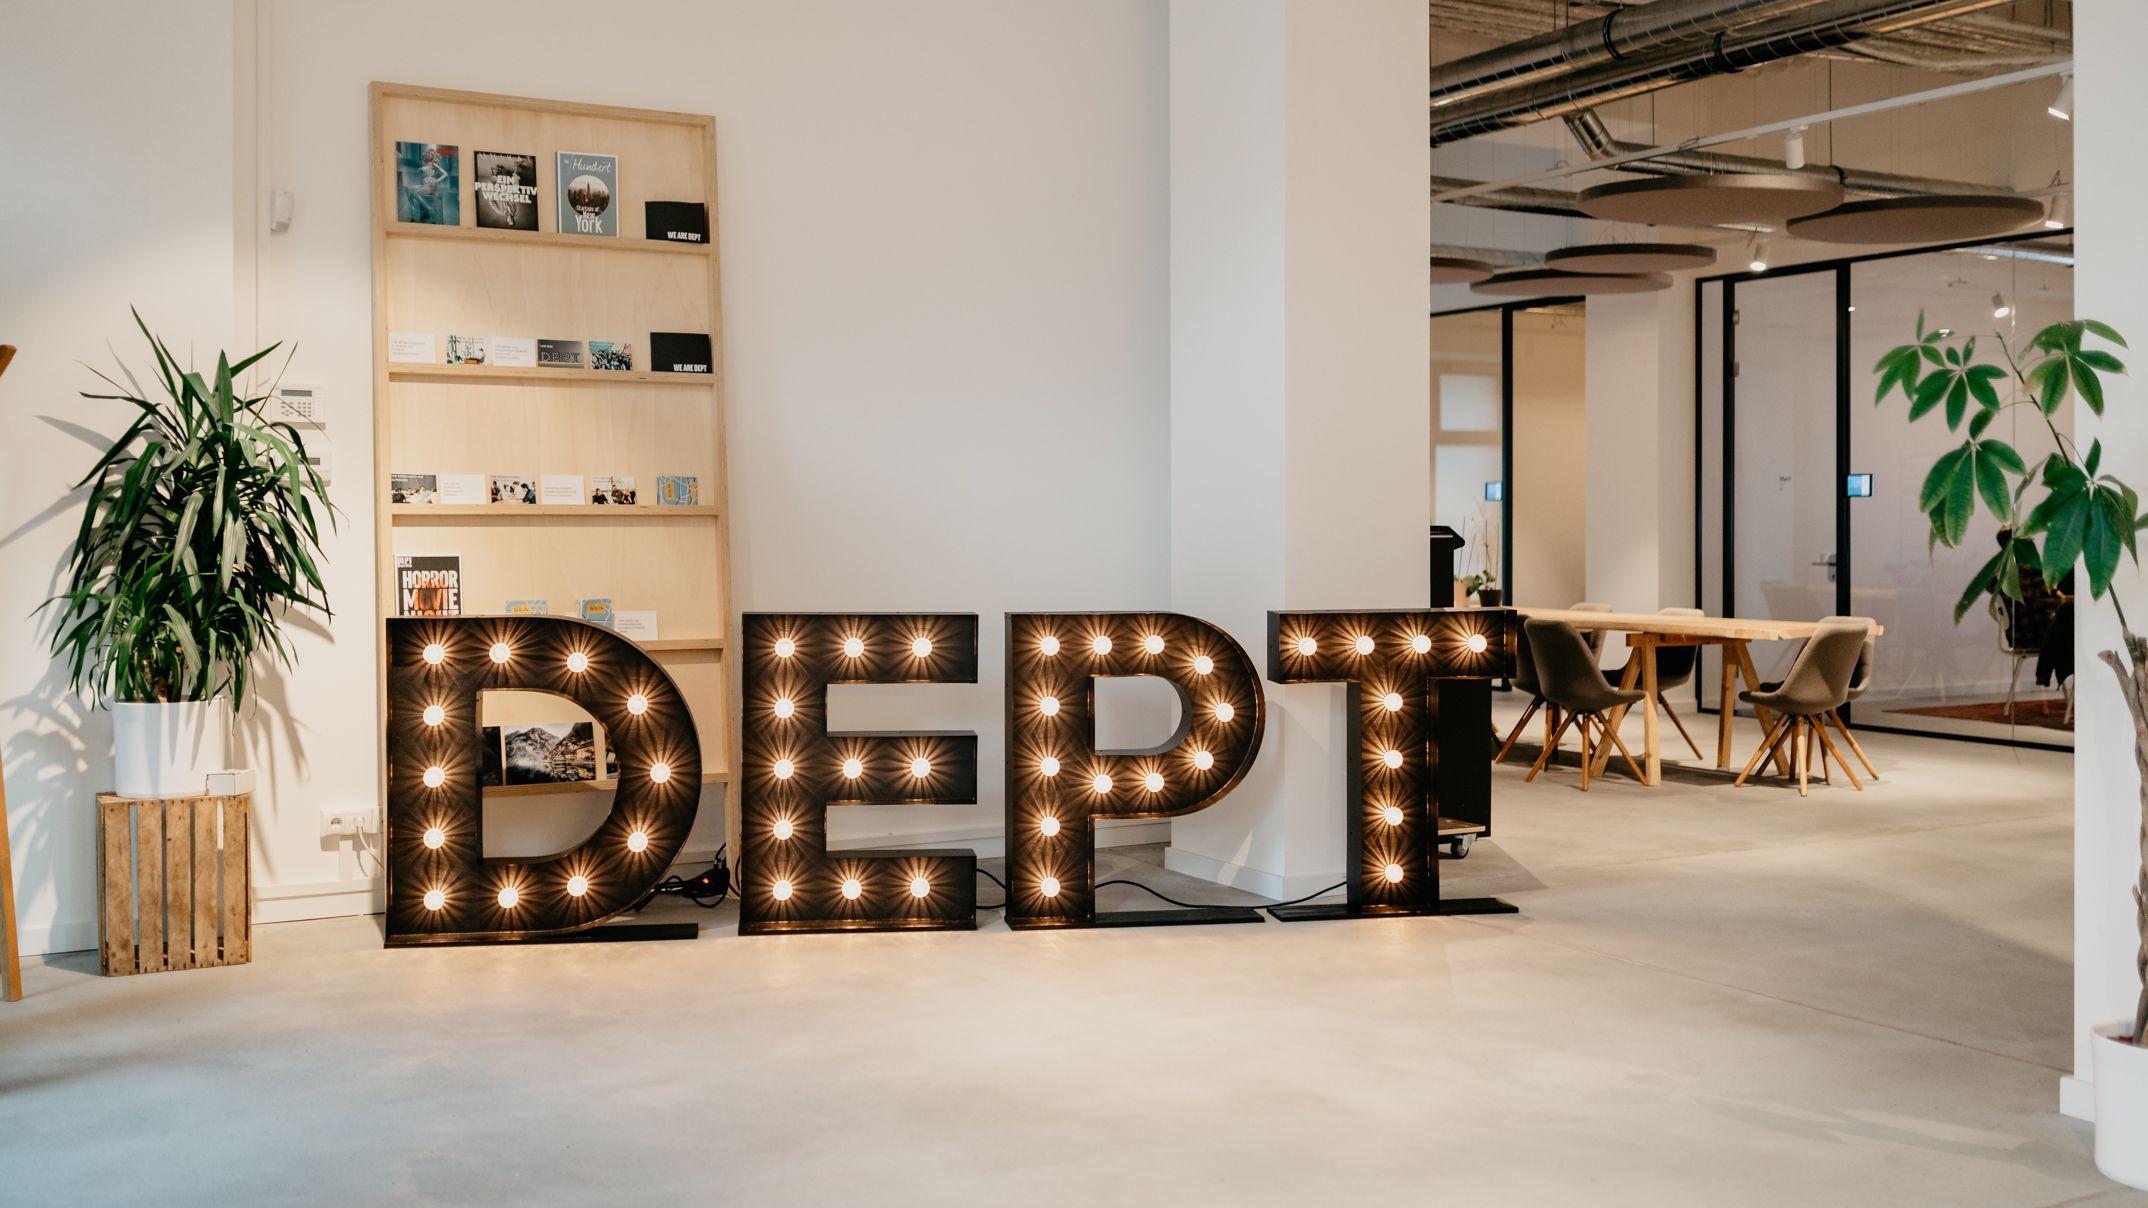 Neue Dachmarke: Digitalverbund Dept startet mit 400 Mitarbeitern